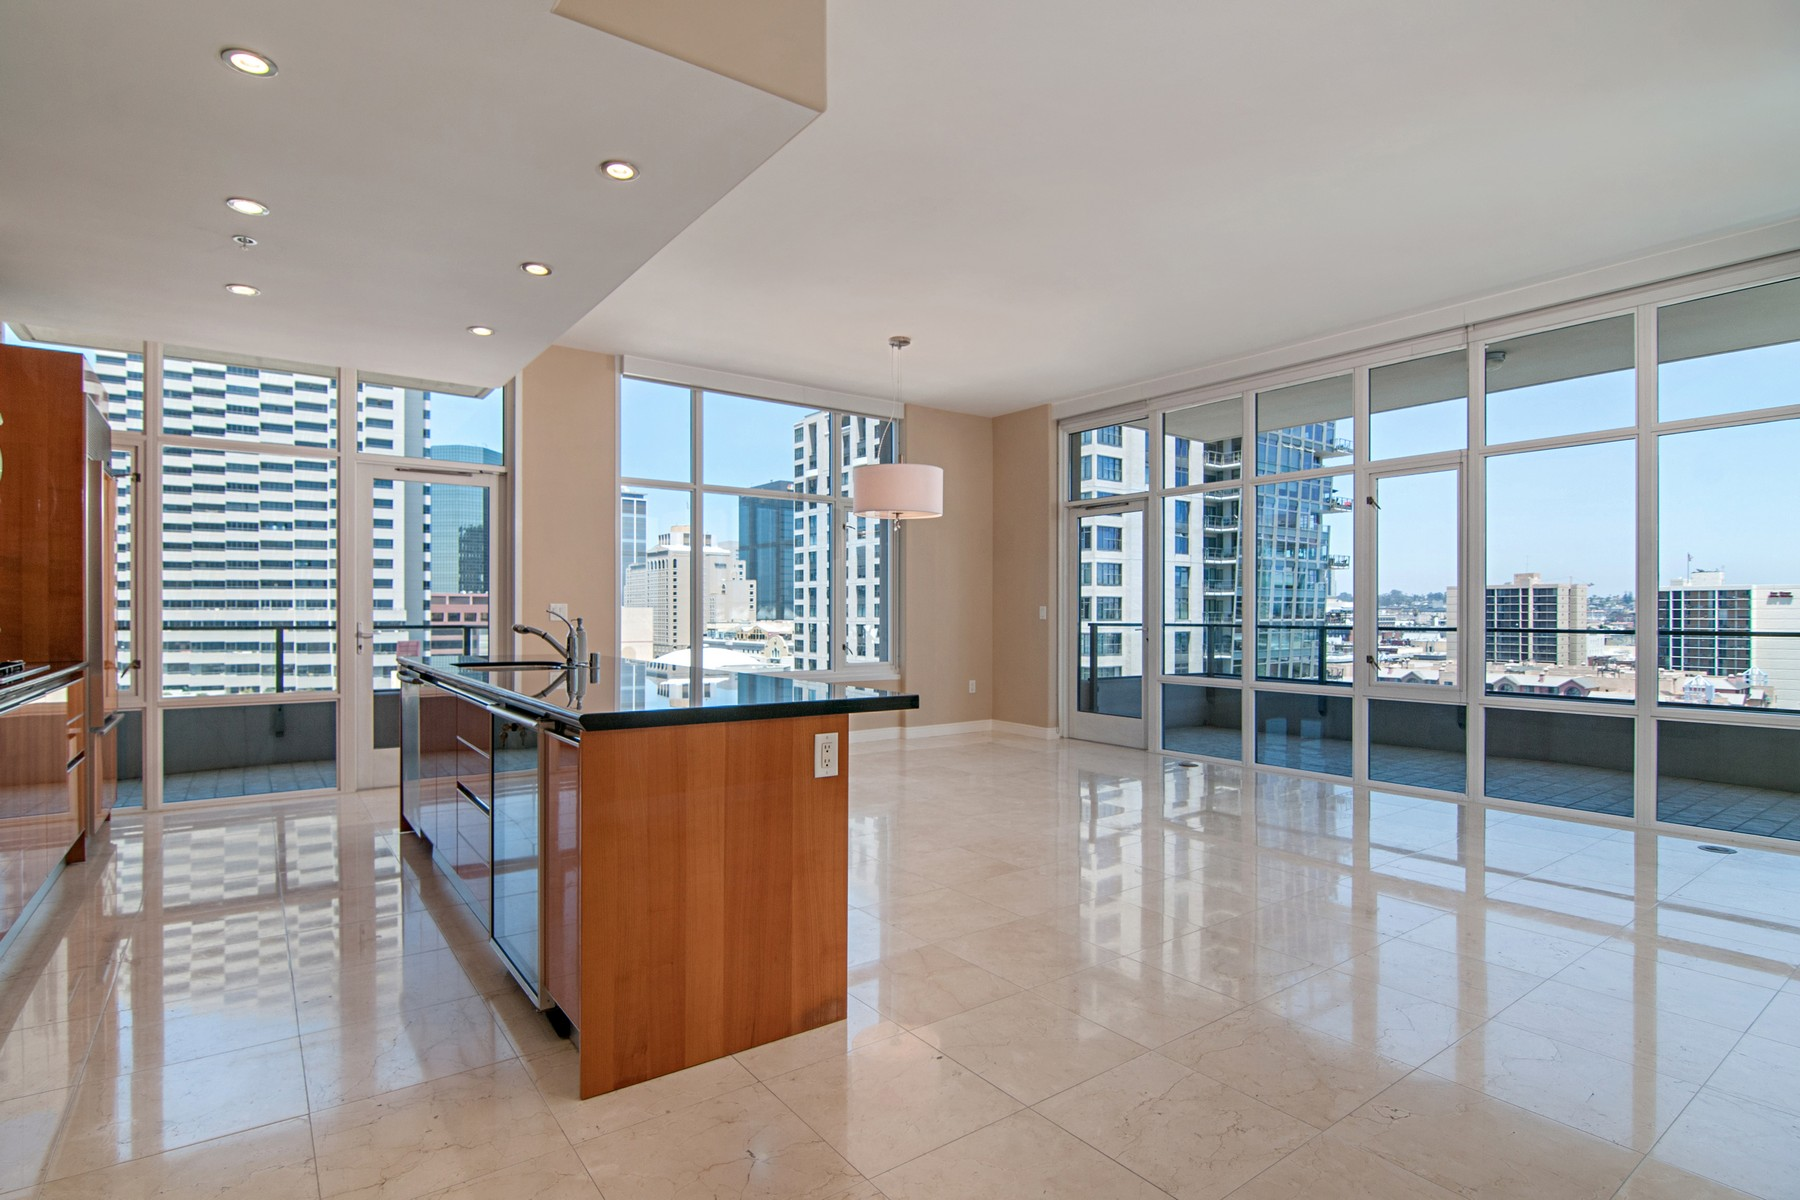 共管式独立产权公寓 为 销售 在 The Pinnacle 550 Front Street 904 圣地亚哥, 加利福尼亚州, 92101 美国